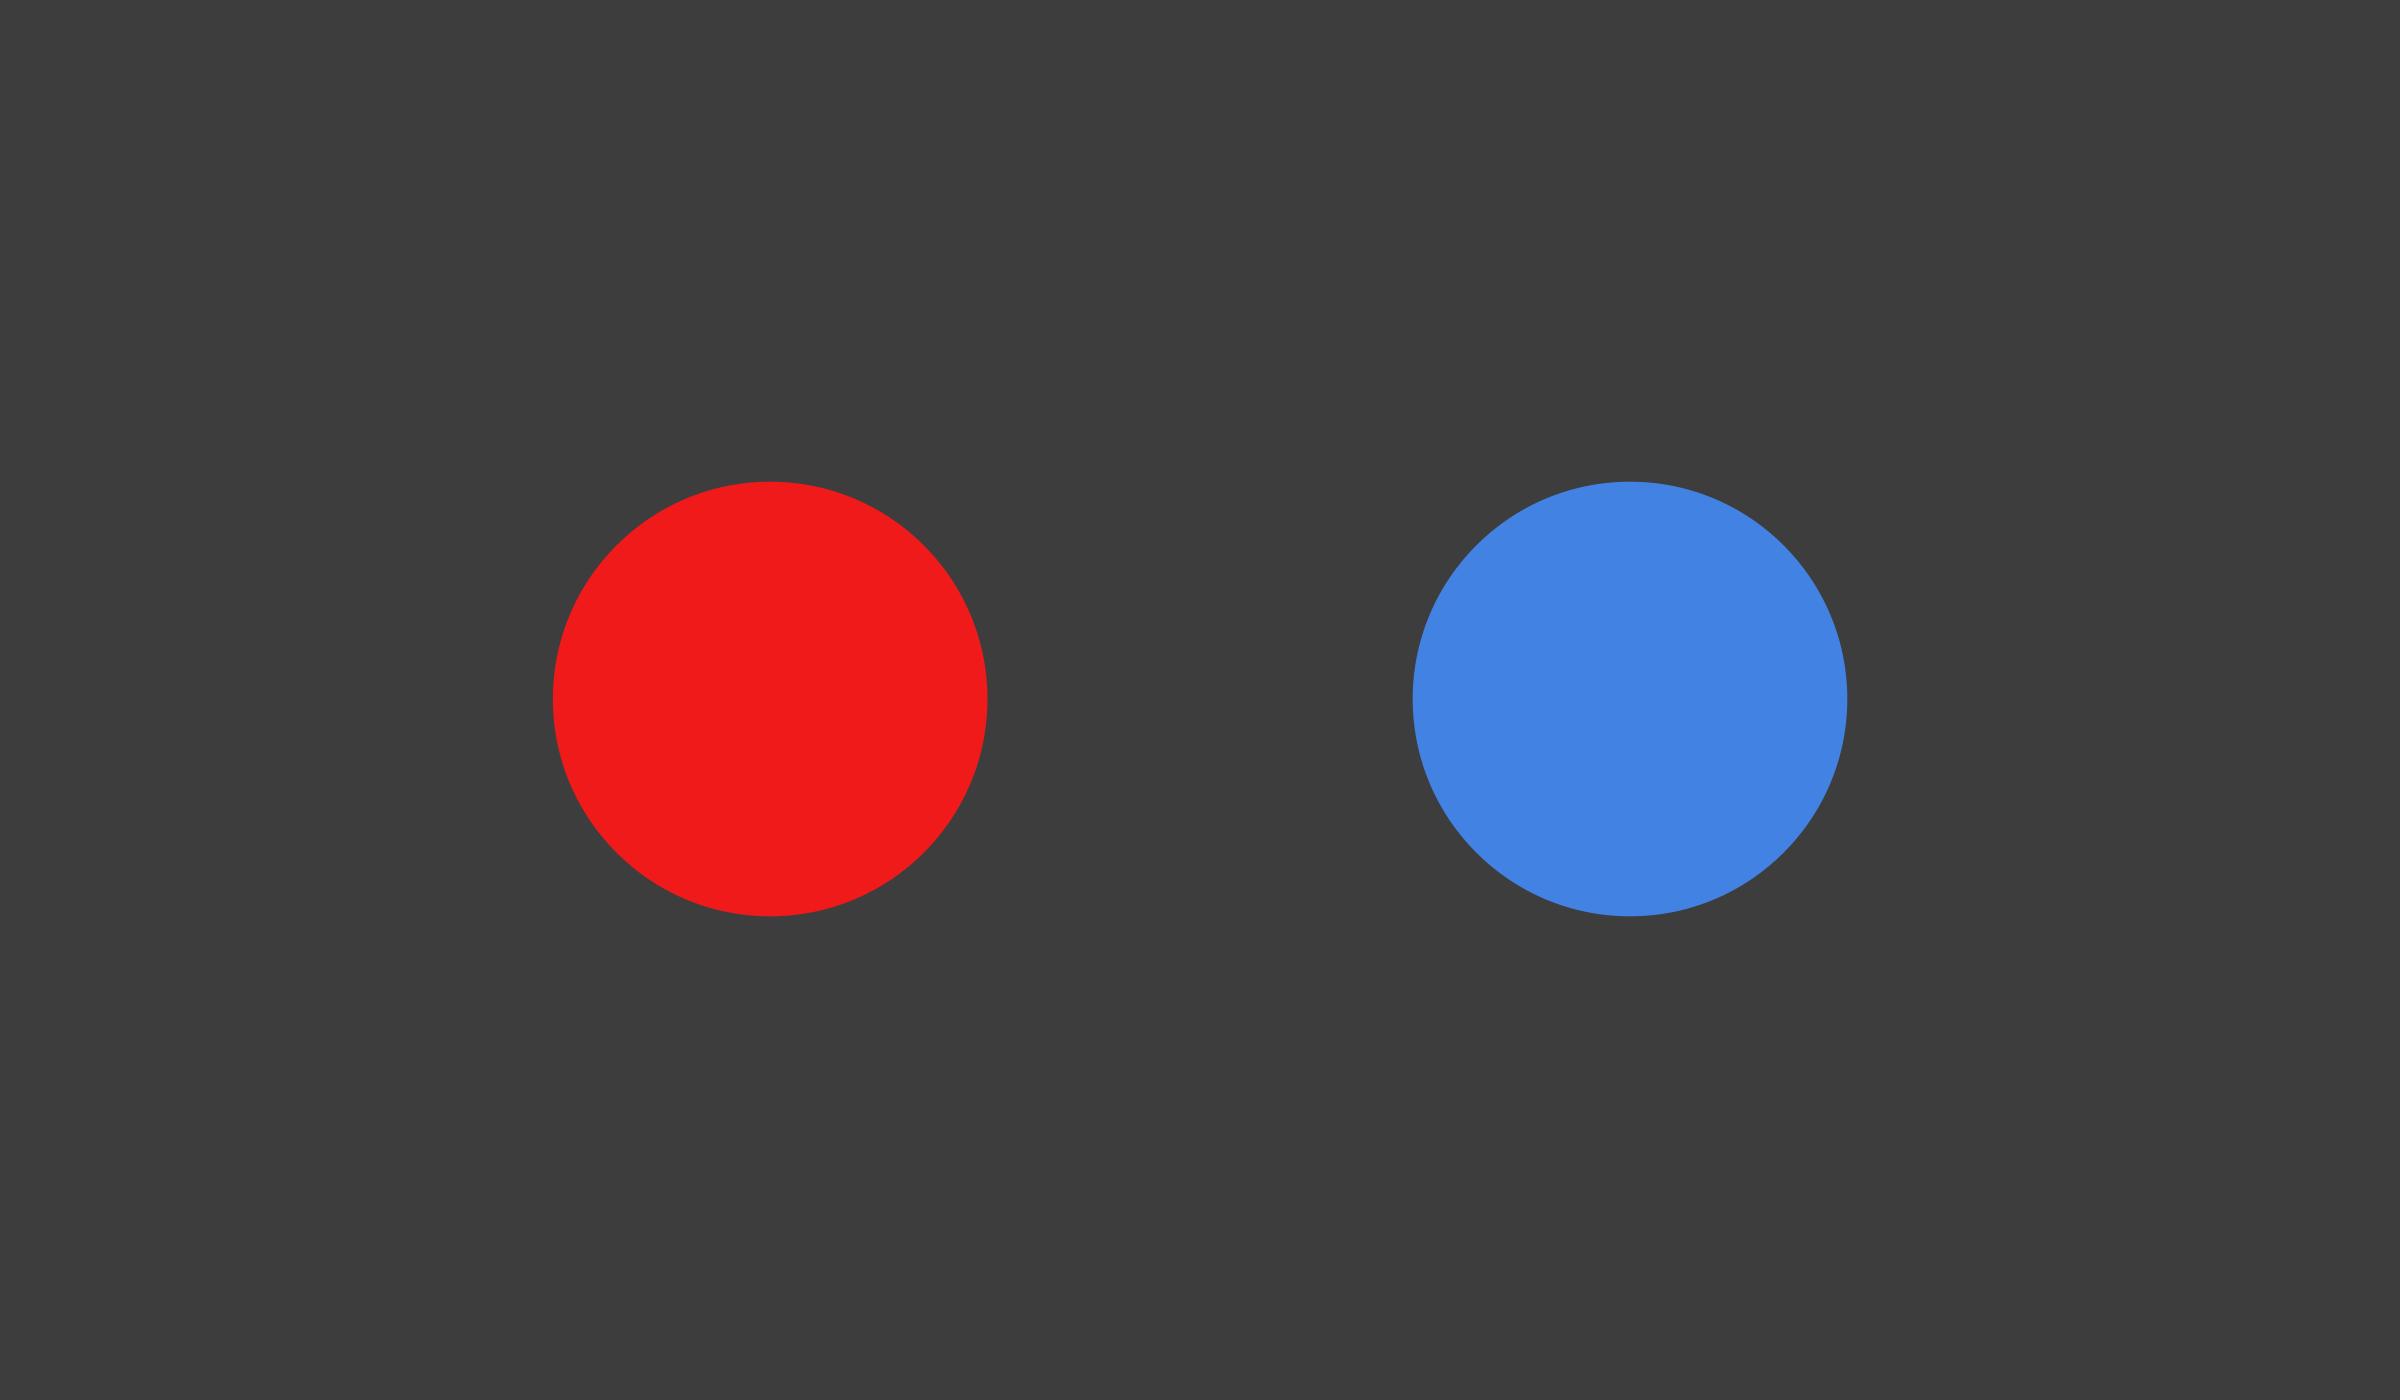 Zwei Kreise · Rot und Blau · Dunkler Hintergrund